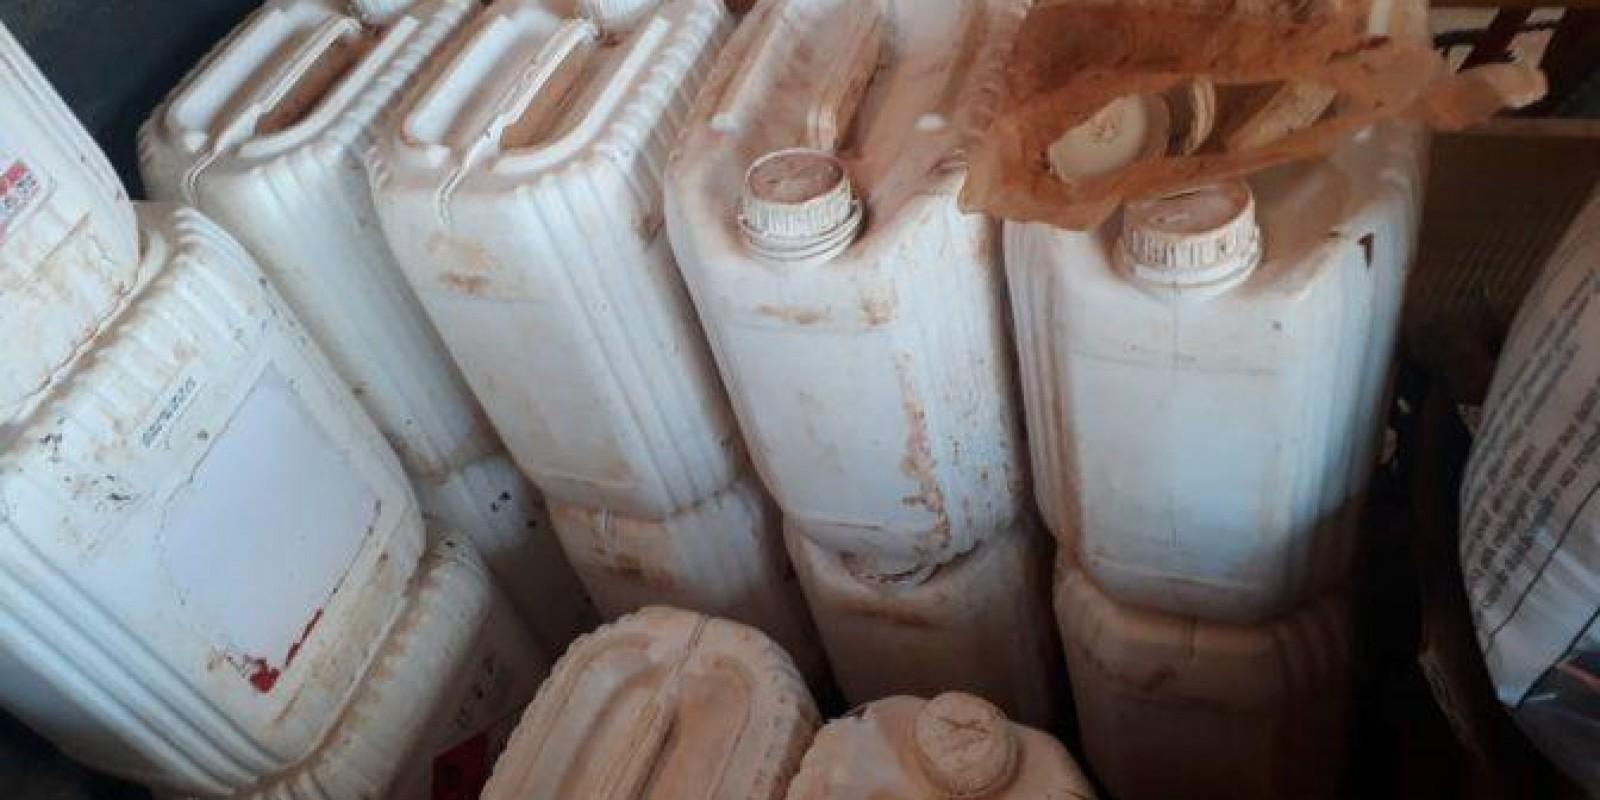 Empresa de Três Lagoas é autuada por armazenamento ilegal de agrotóxicos